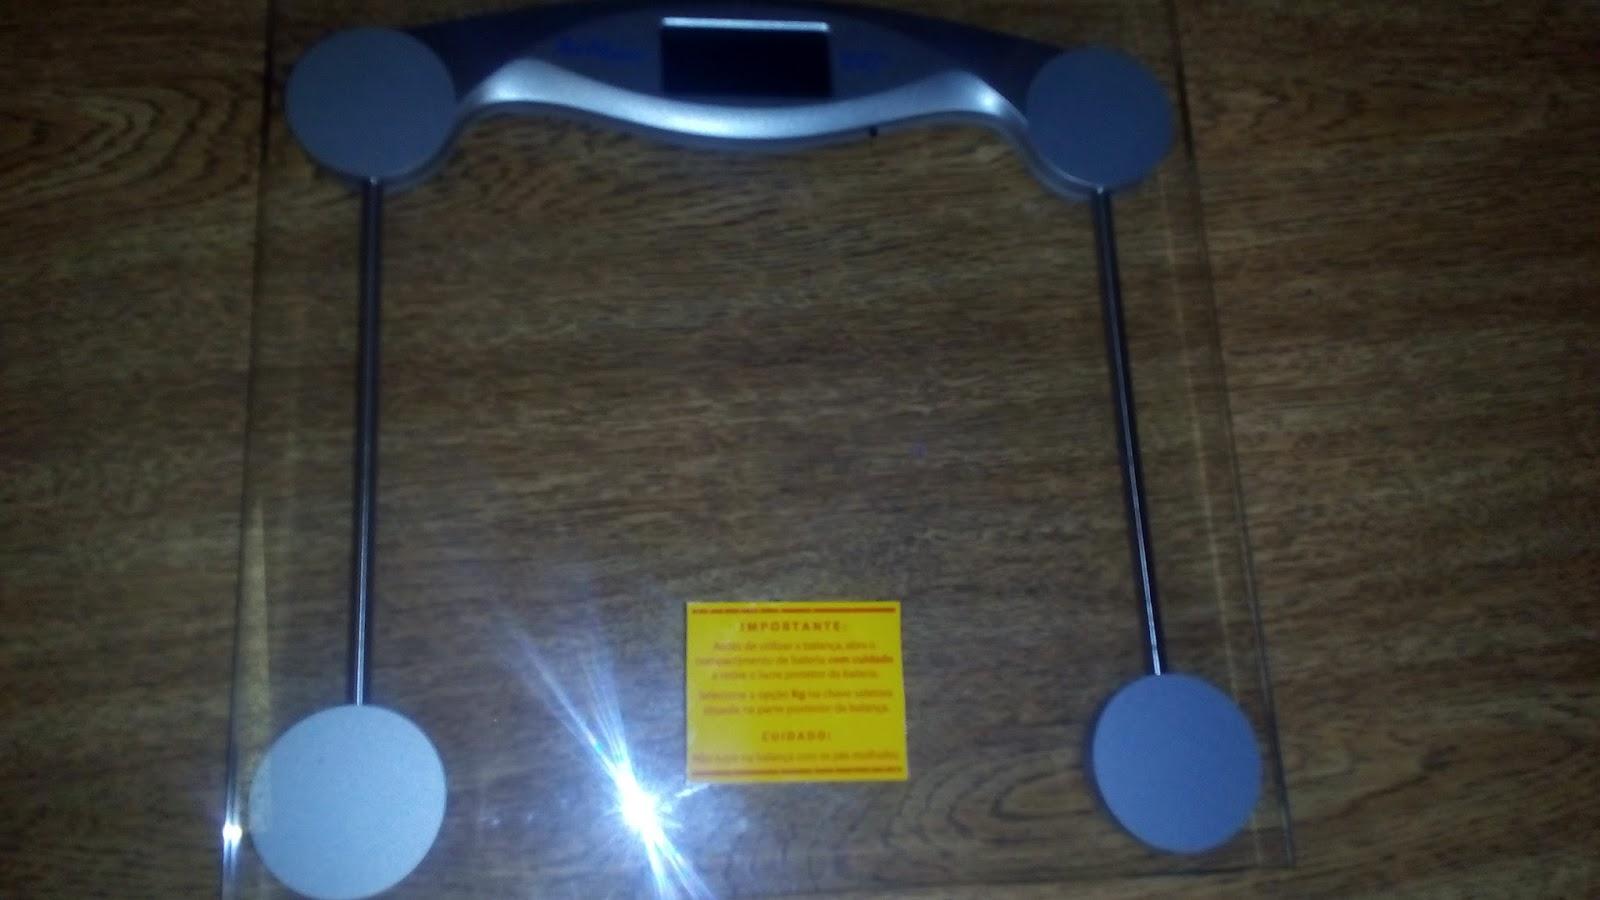 Ela é da marca Tec Line balança digital Tec Silver #0C98BF 1600x900 Balança Digital Banheiro Marcas